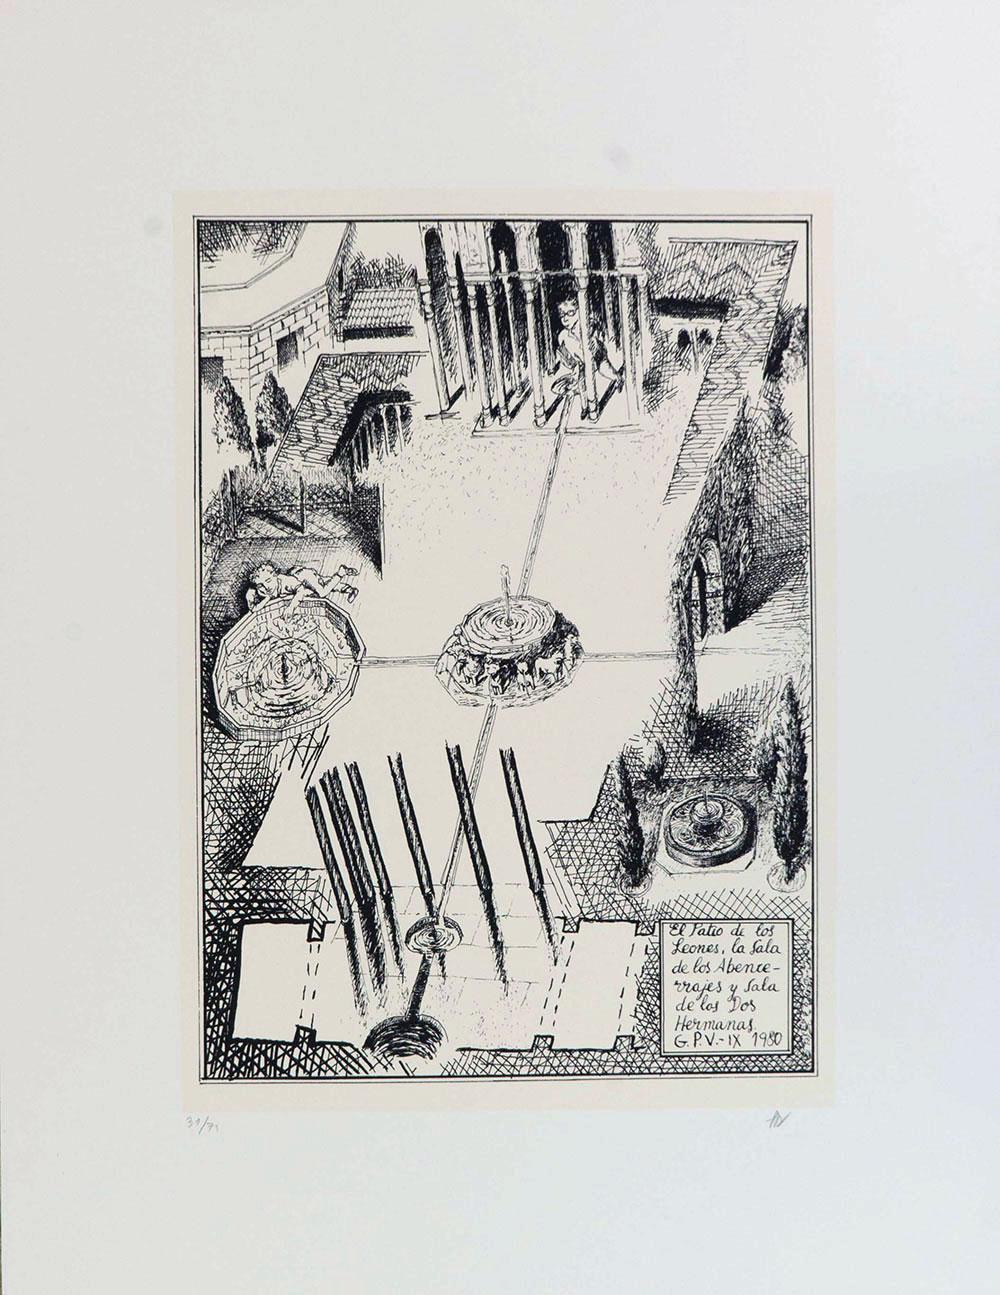 El Patio de los Leones, La Sala de los Abencerrajes y Sala de las Dos Hermanas, 1997